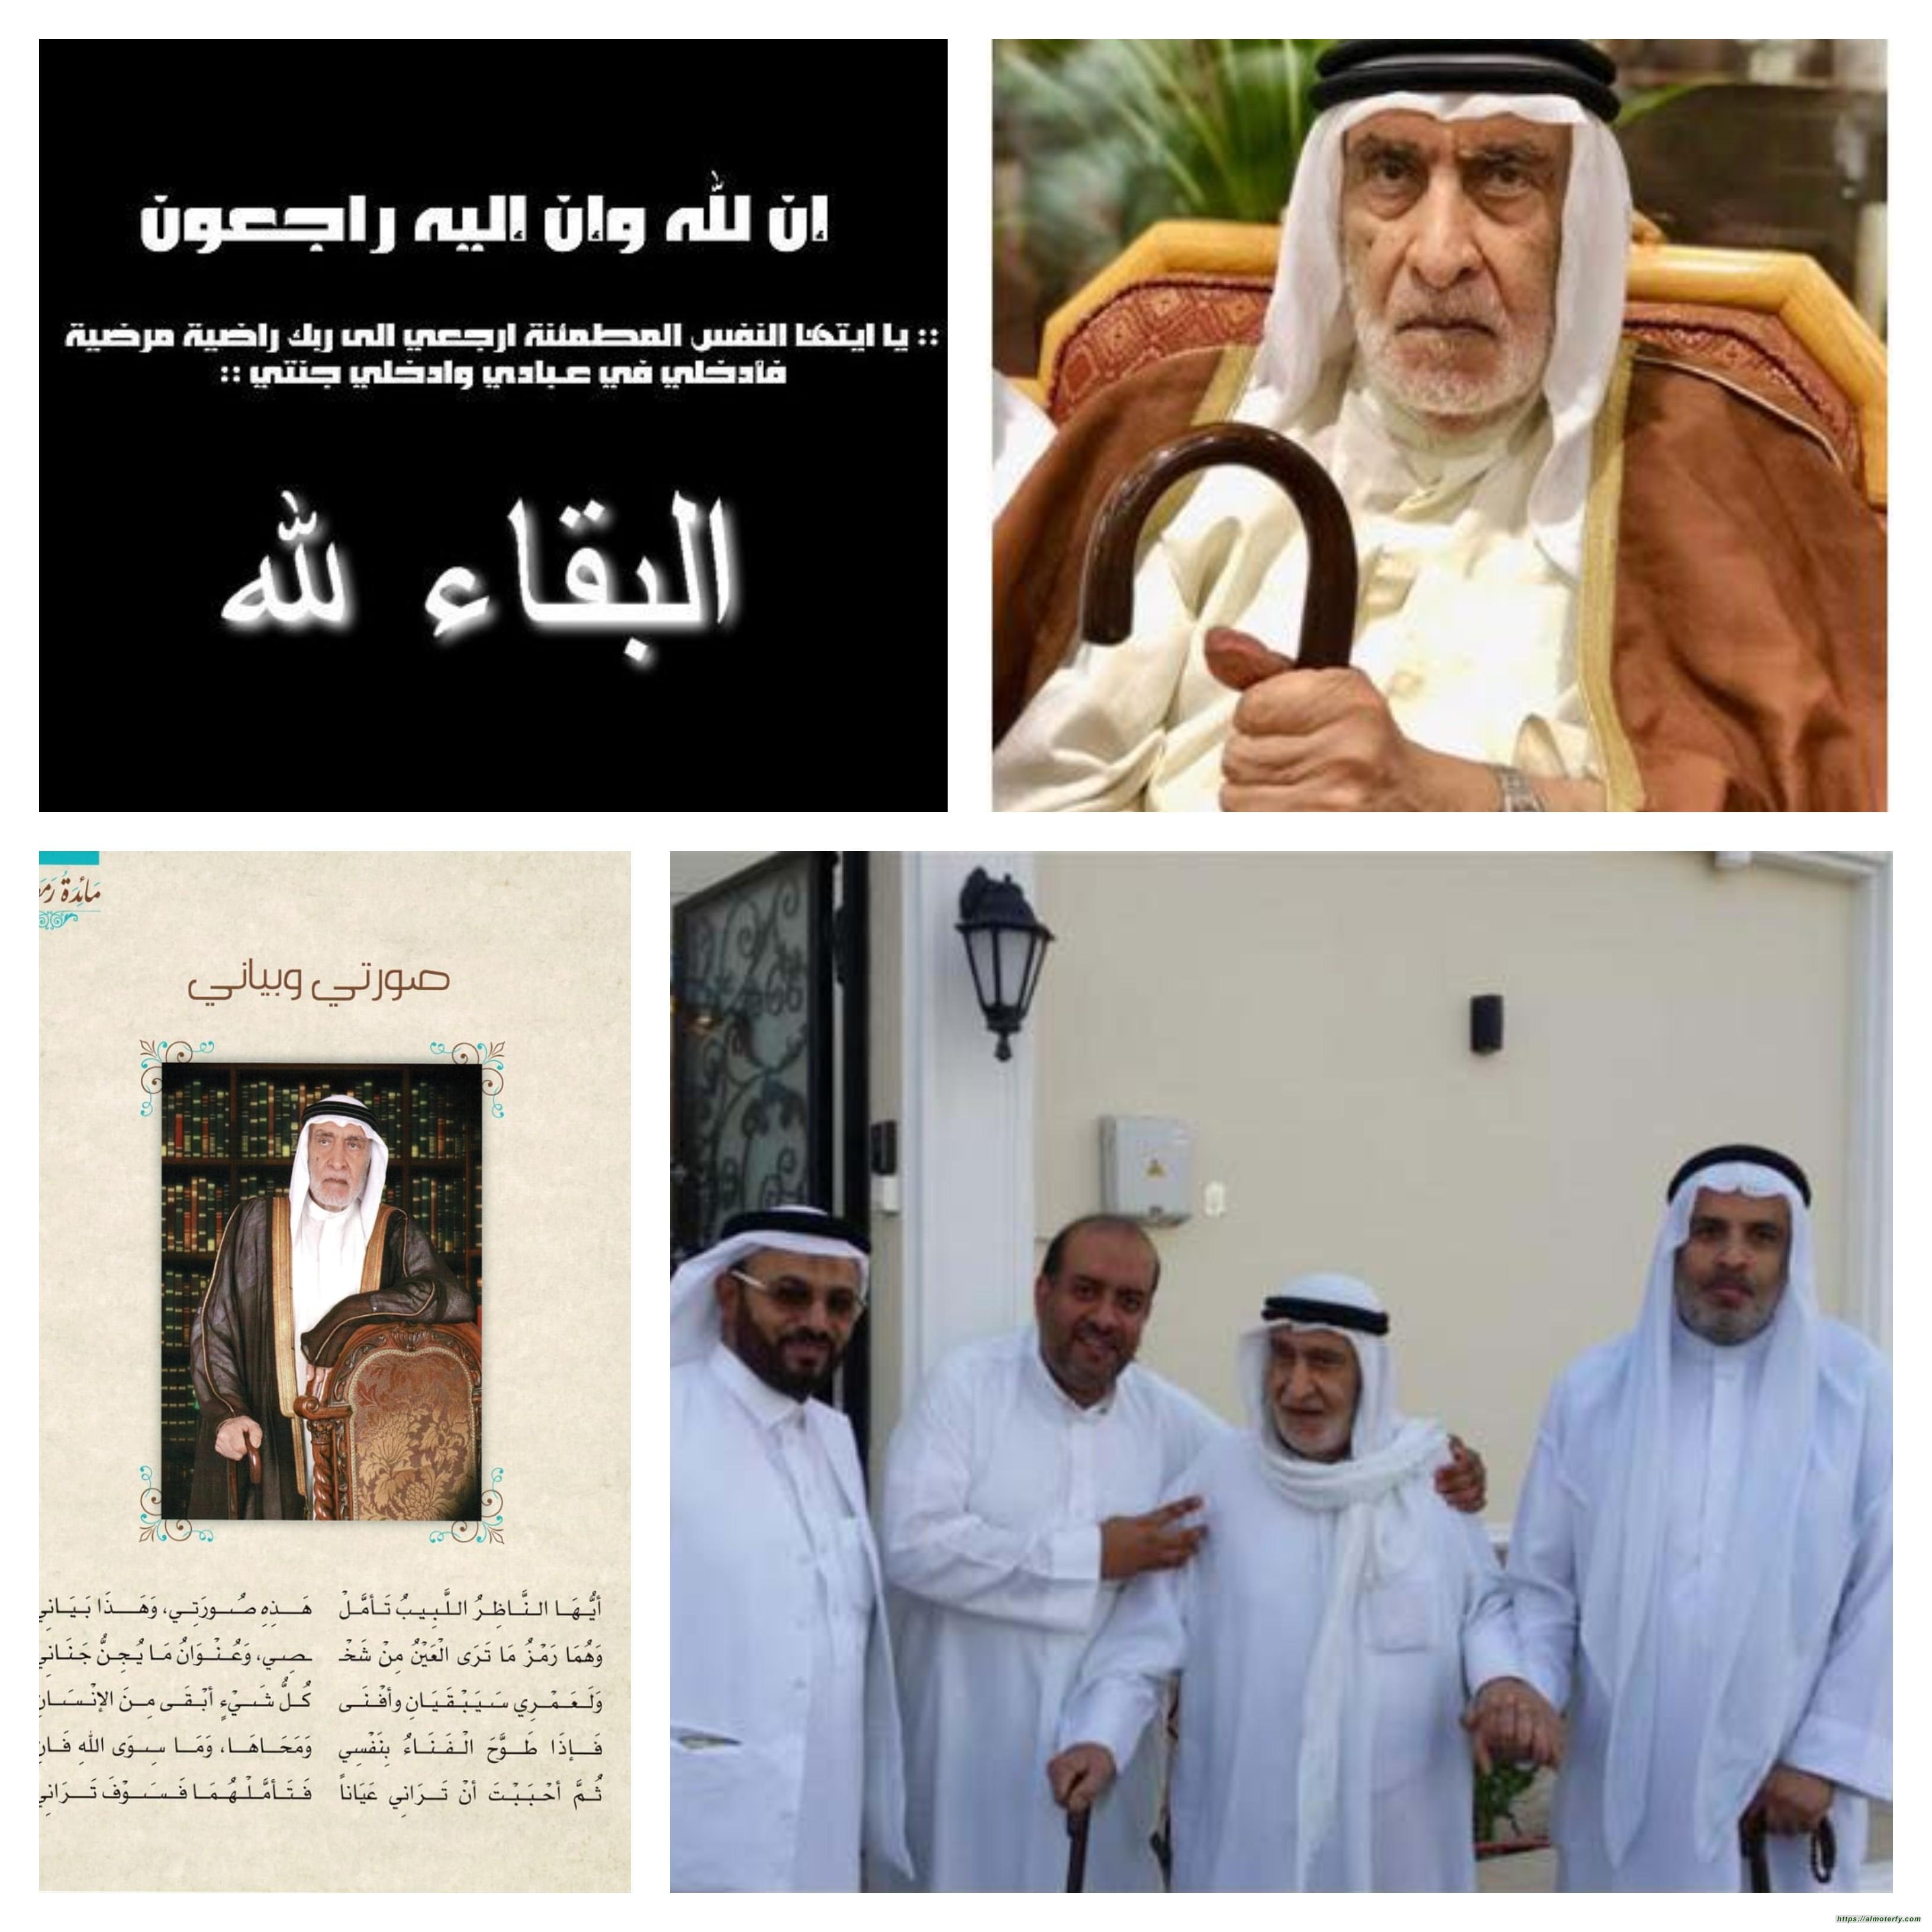 المؤرخ والشاعر الكبير الحاج  محمد حسين الرمضان بوسمير إلى رحمة الله